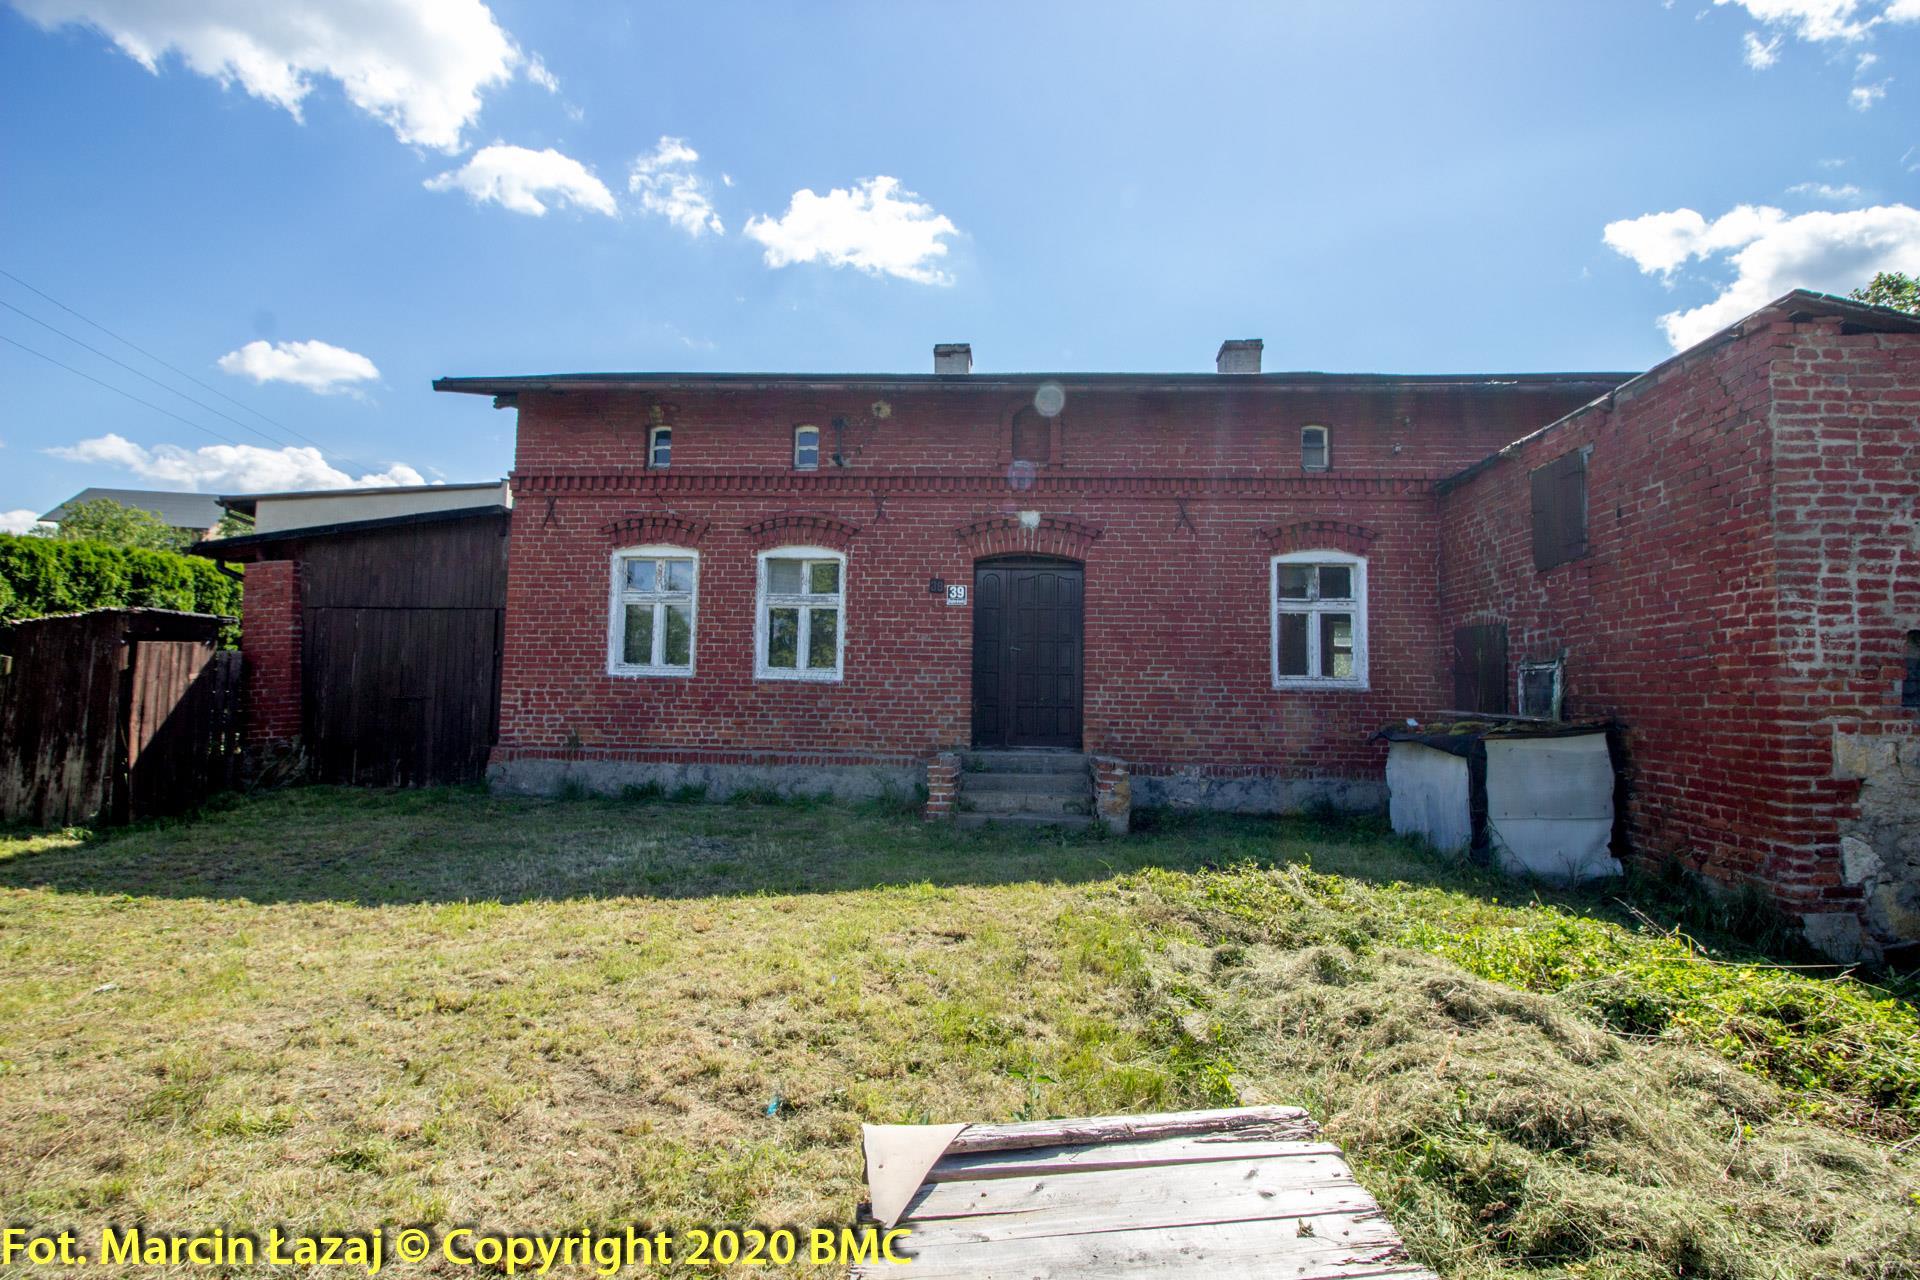 Nieruchomość Dom sprzedaż Koszęcin Dom z cegły do kapitalnego remontu w Koszęcinie 1